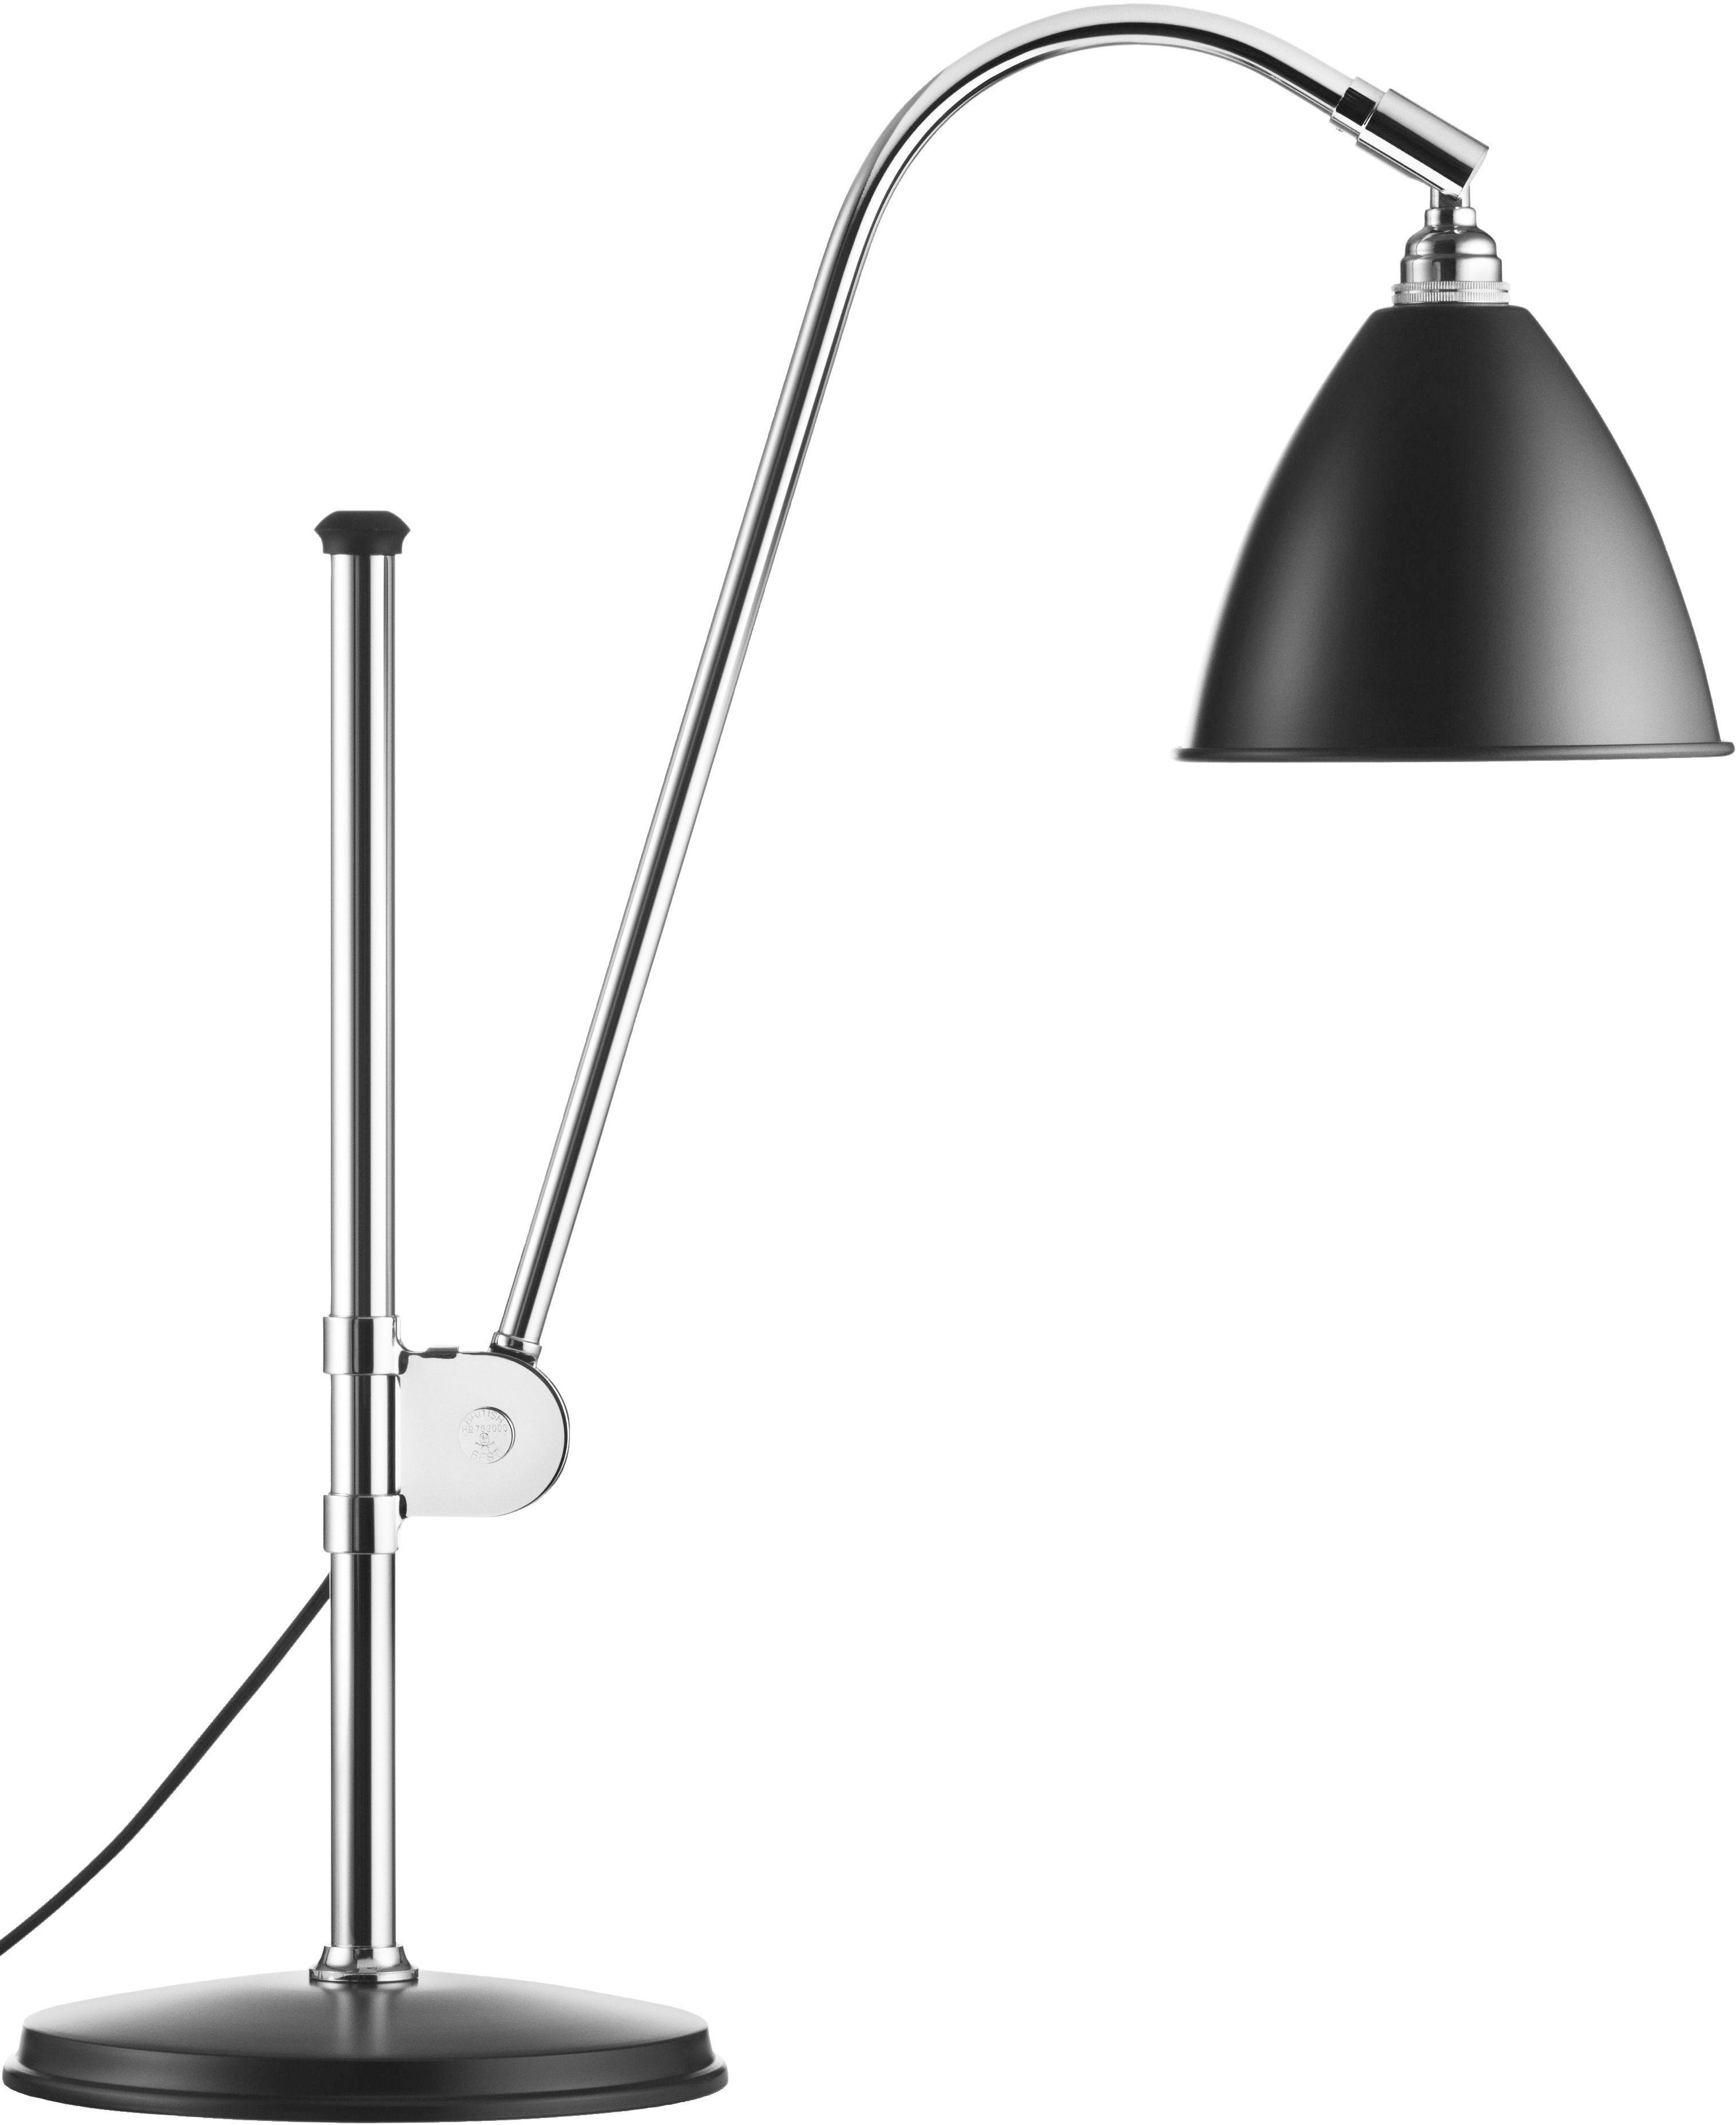 lampe de table bestlite bl1 r dition de 1930 noir gubi. Black Bedroom Furniture Sets. Home Design Ideas